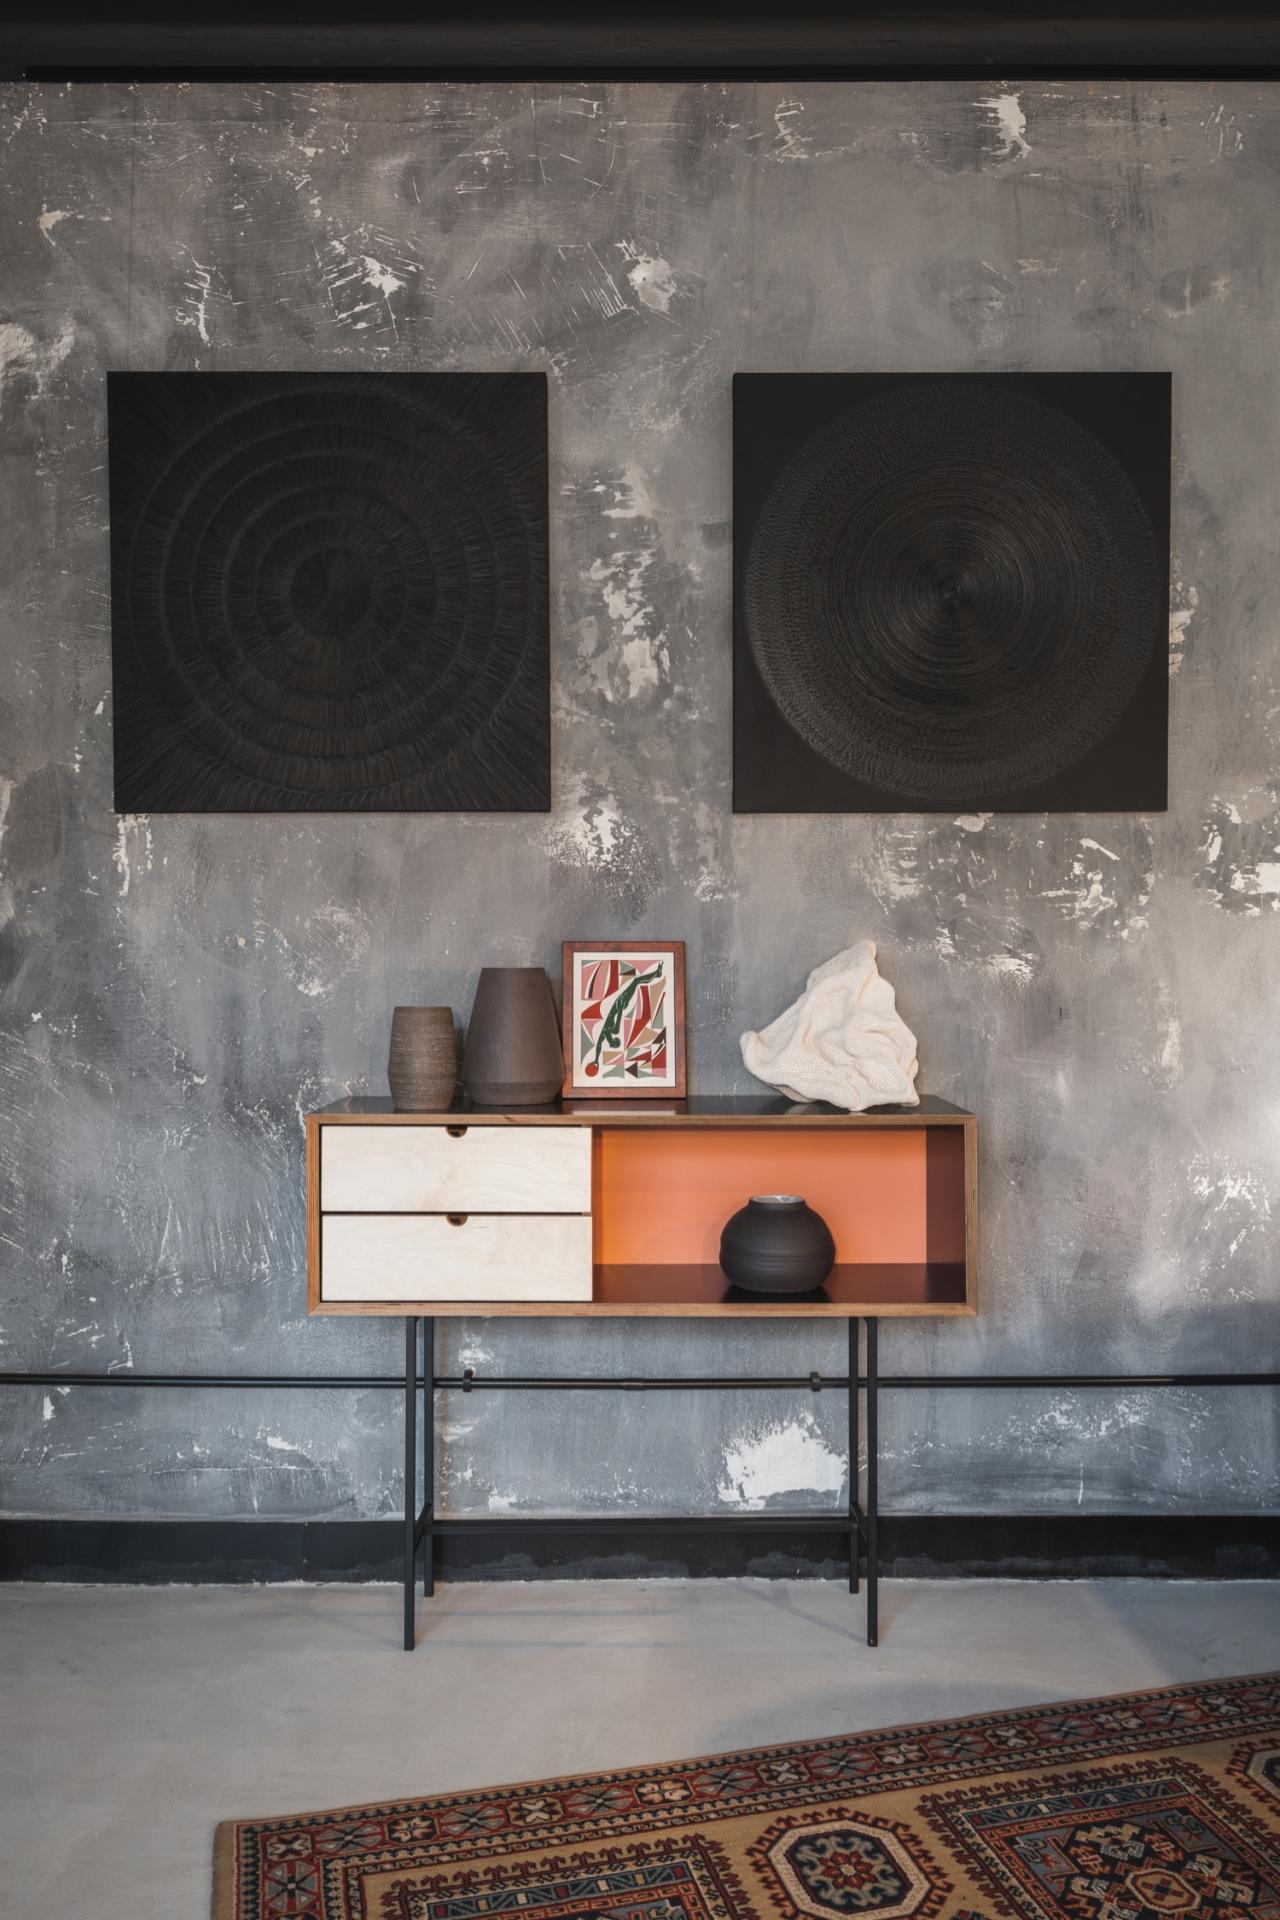 Intterno-concept-store-designalive-9